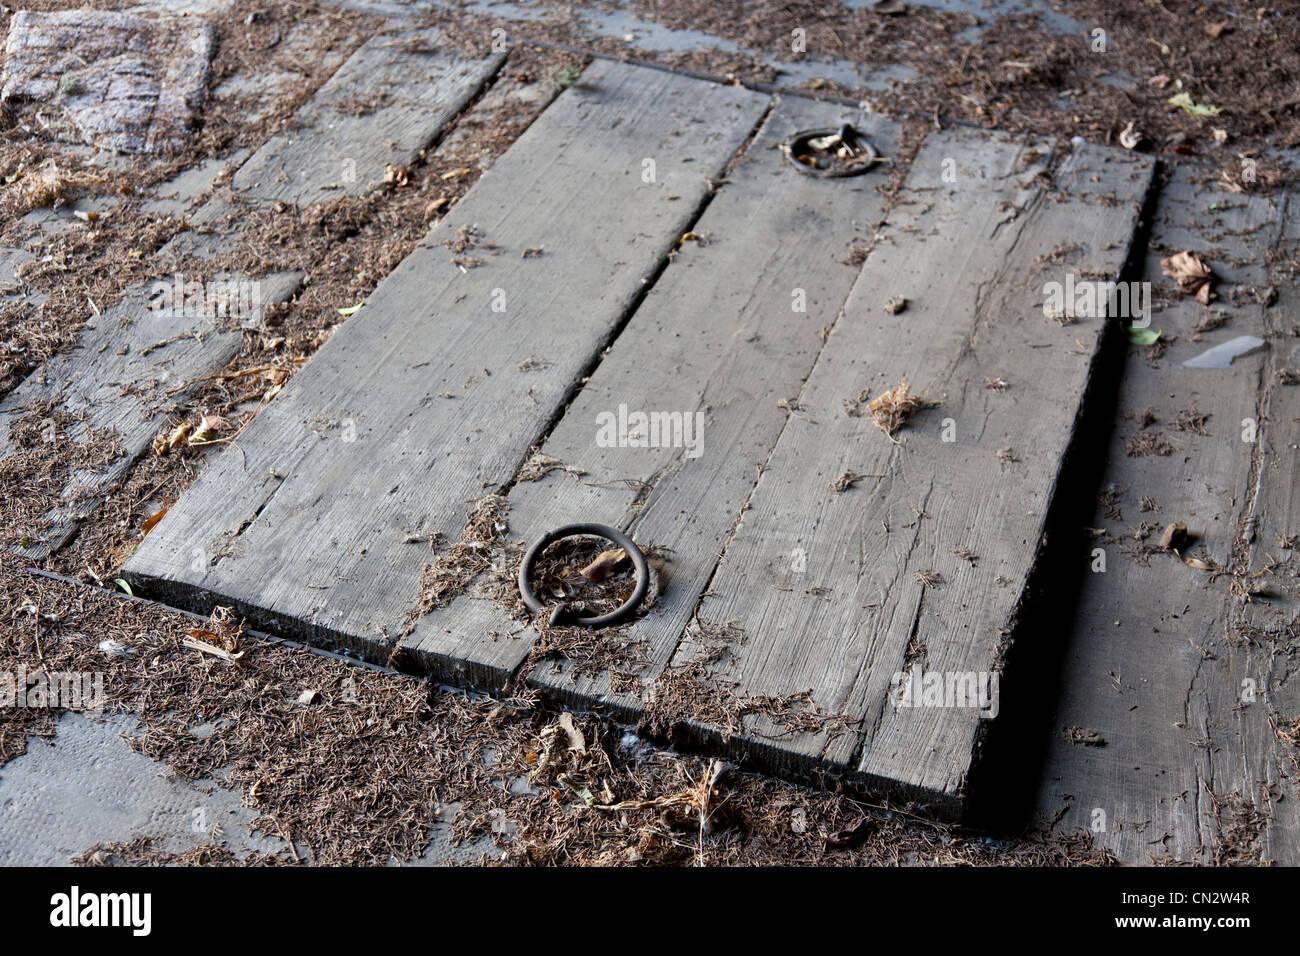 Wooden cellar door - Stock Image & Old Door Handle Stock Photos \u0026 Old Door Handle Stock Images - Alamy